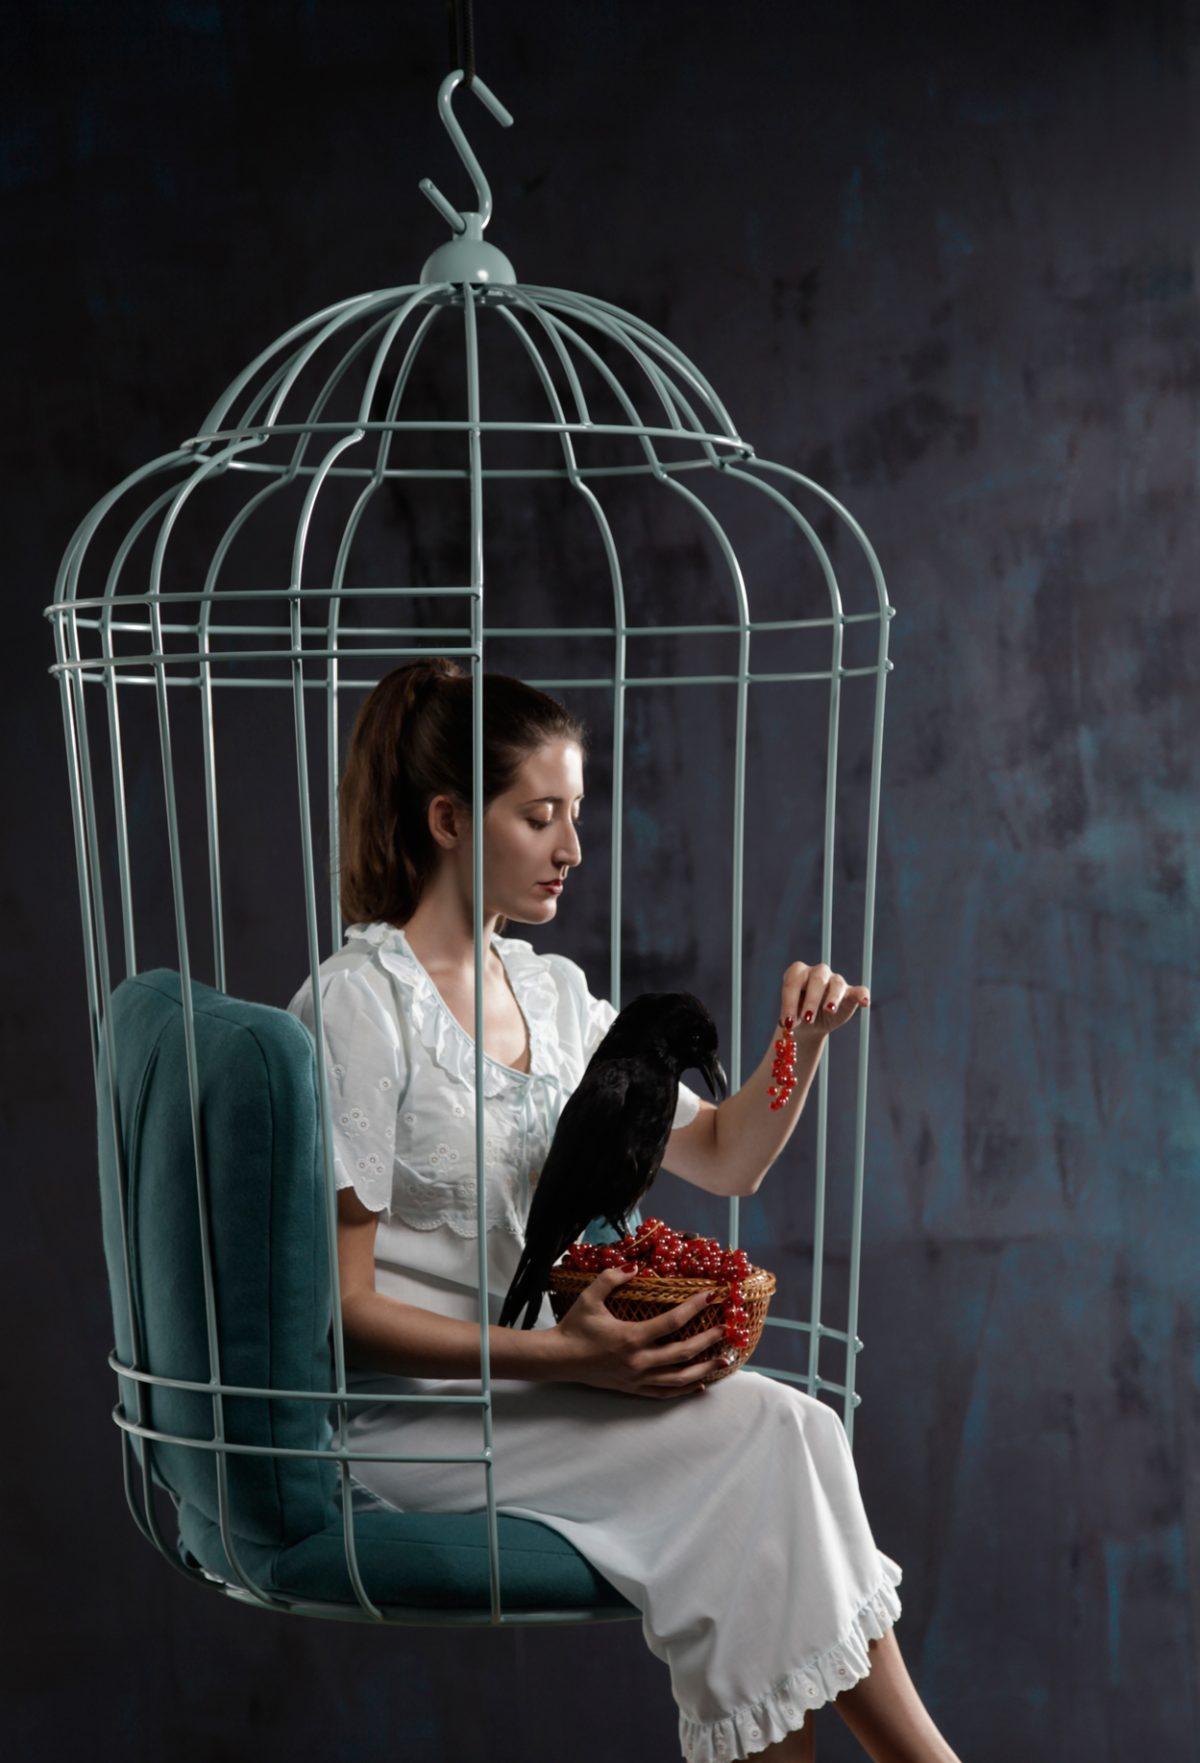 Cageling hangstoel – Ontwerpduo gimmii